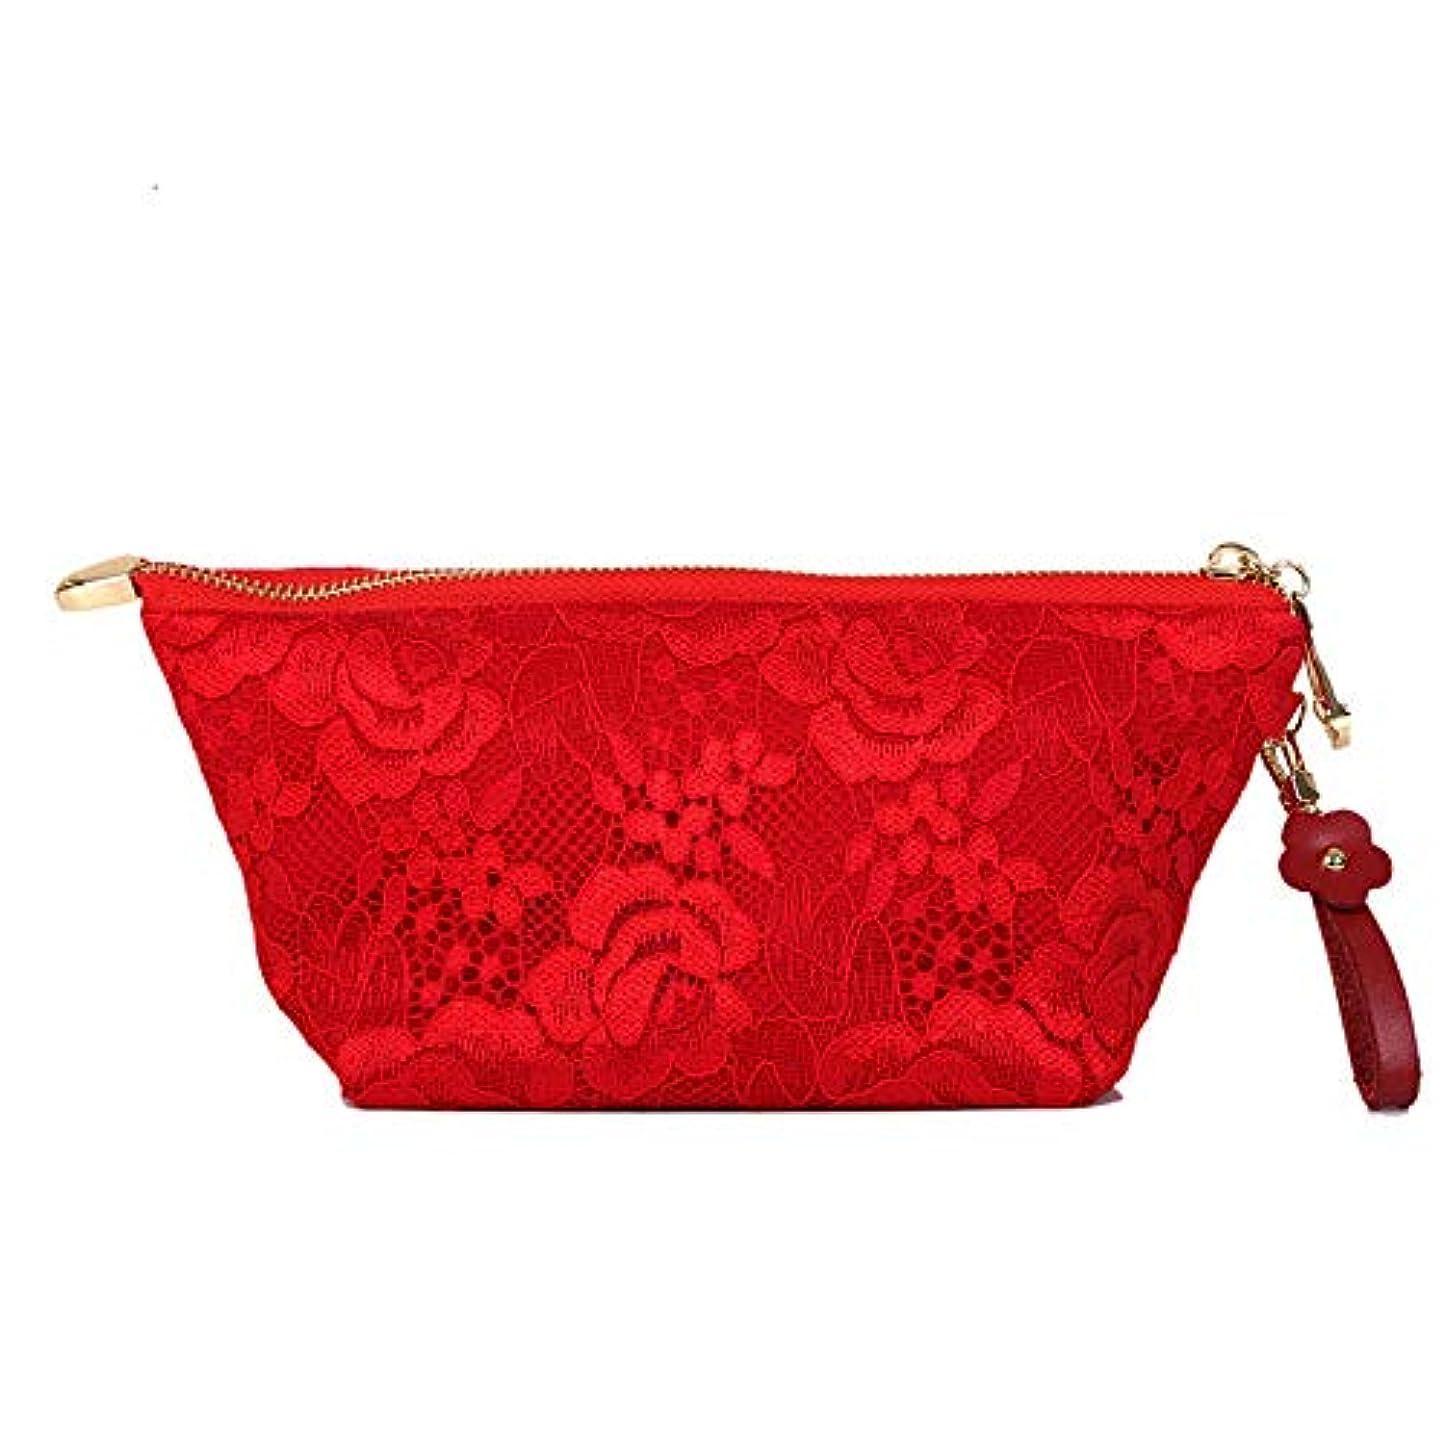 大量転倒樹皮アロマセラピー収納ボックス エッセンシャルオイルのスーツケース収納バイアルの10本のボトル ??- シェル型の赤のクラッチバッグはオイルストレージ統合袋を主催 エッセンシャルオイル収納ボックス (色 : 赤, サイズ : 24.5X11X8.5CM)